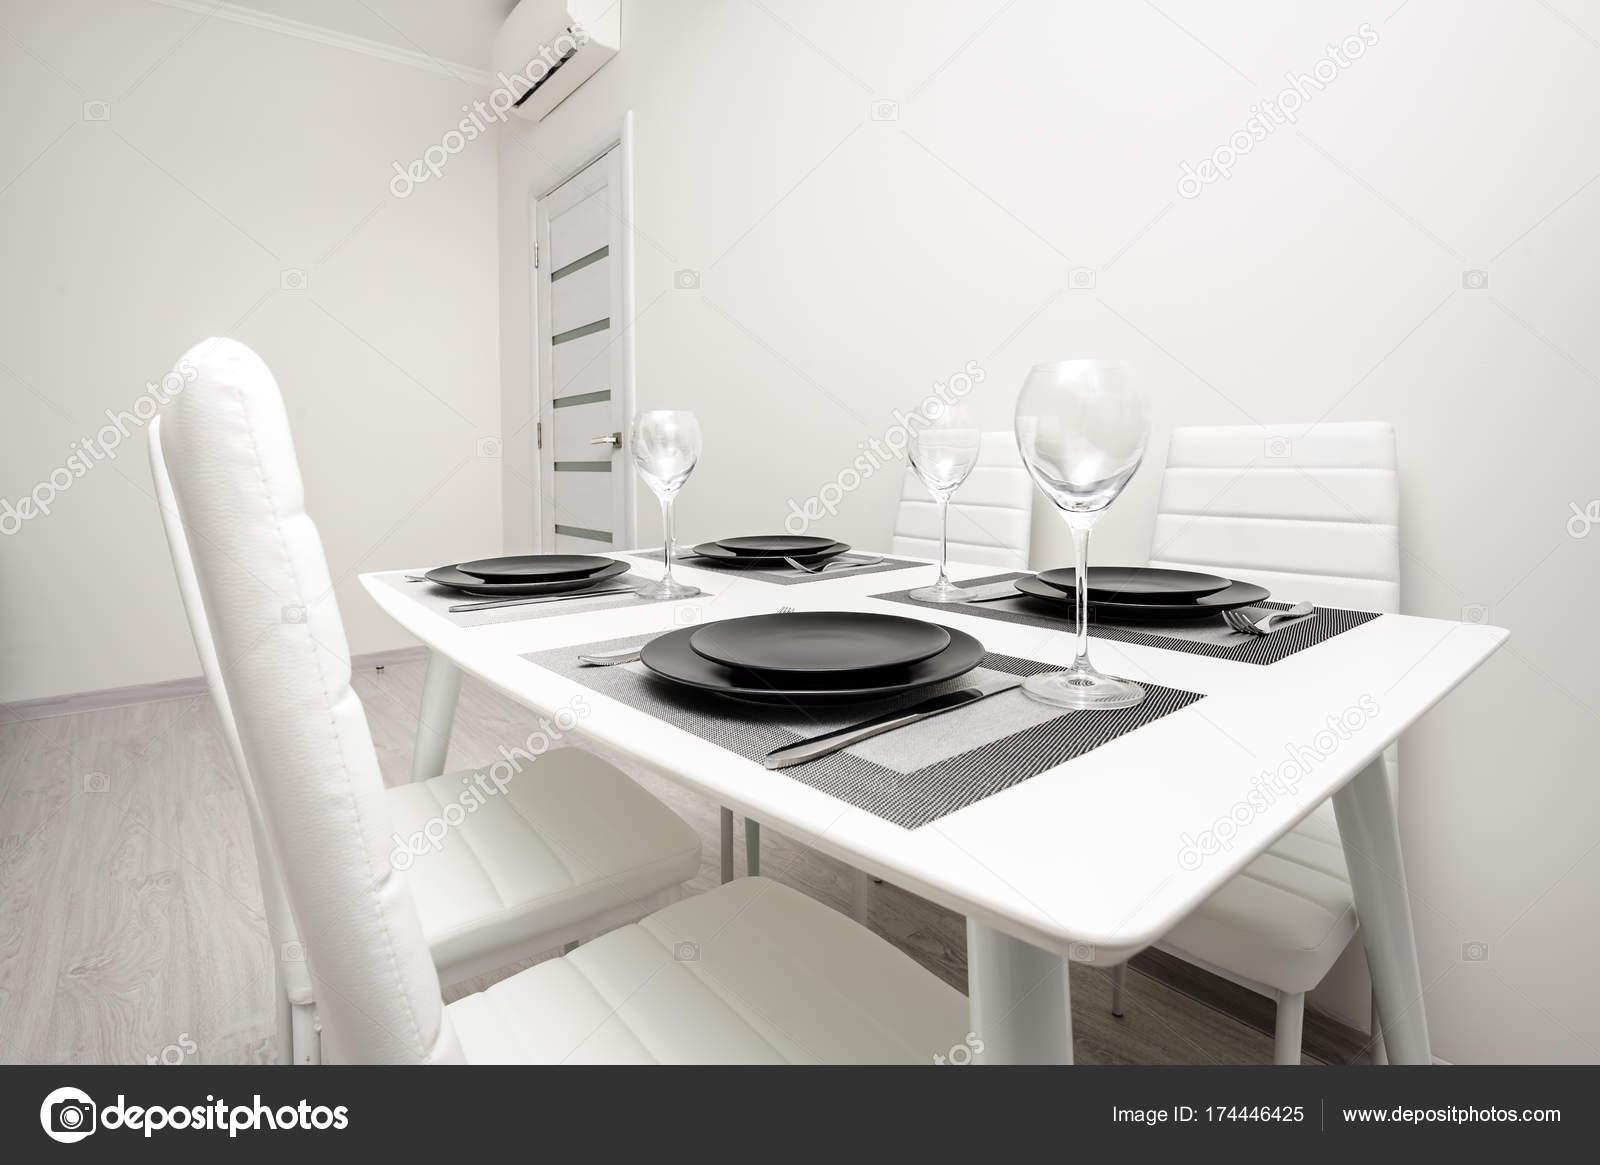 Minimalistische serviert weißen tisch u2014 stockfoto © starush #174446425